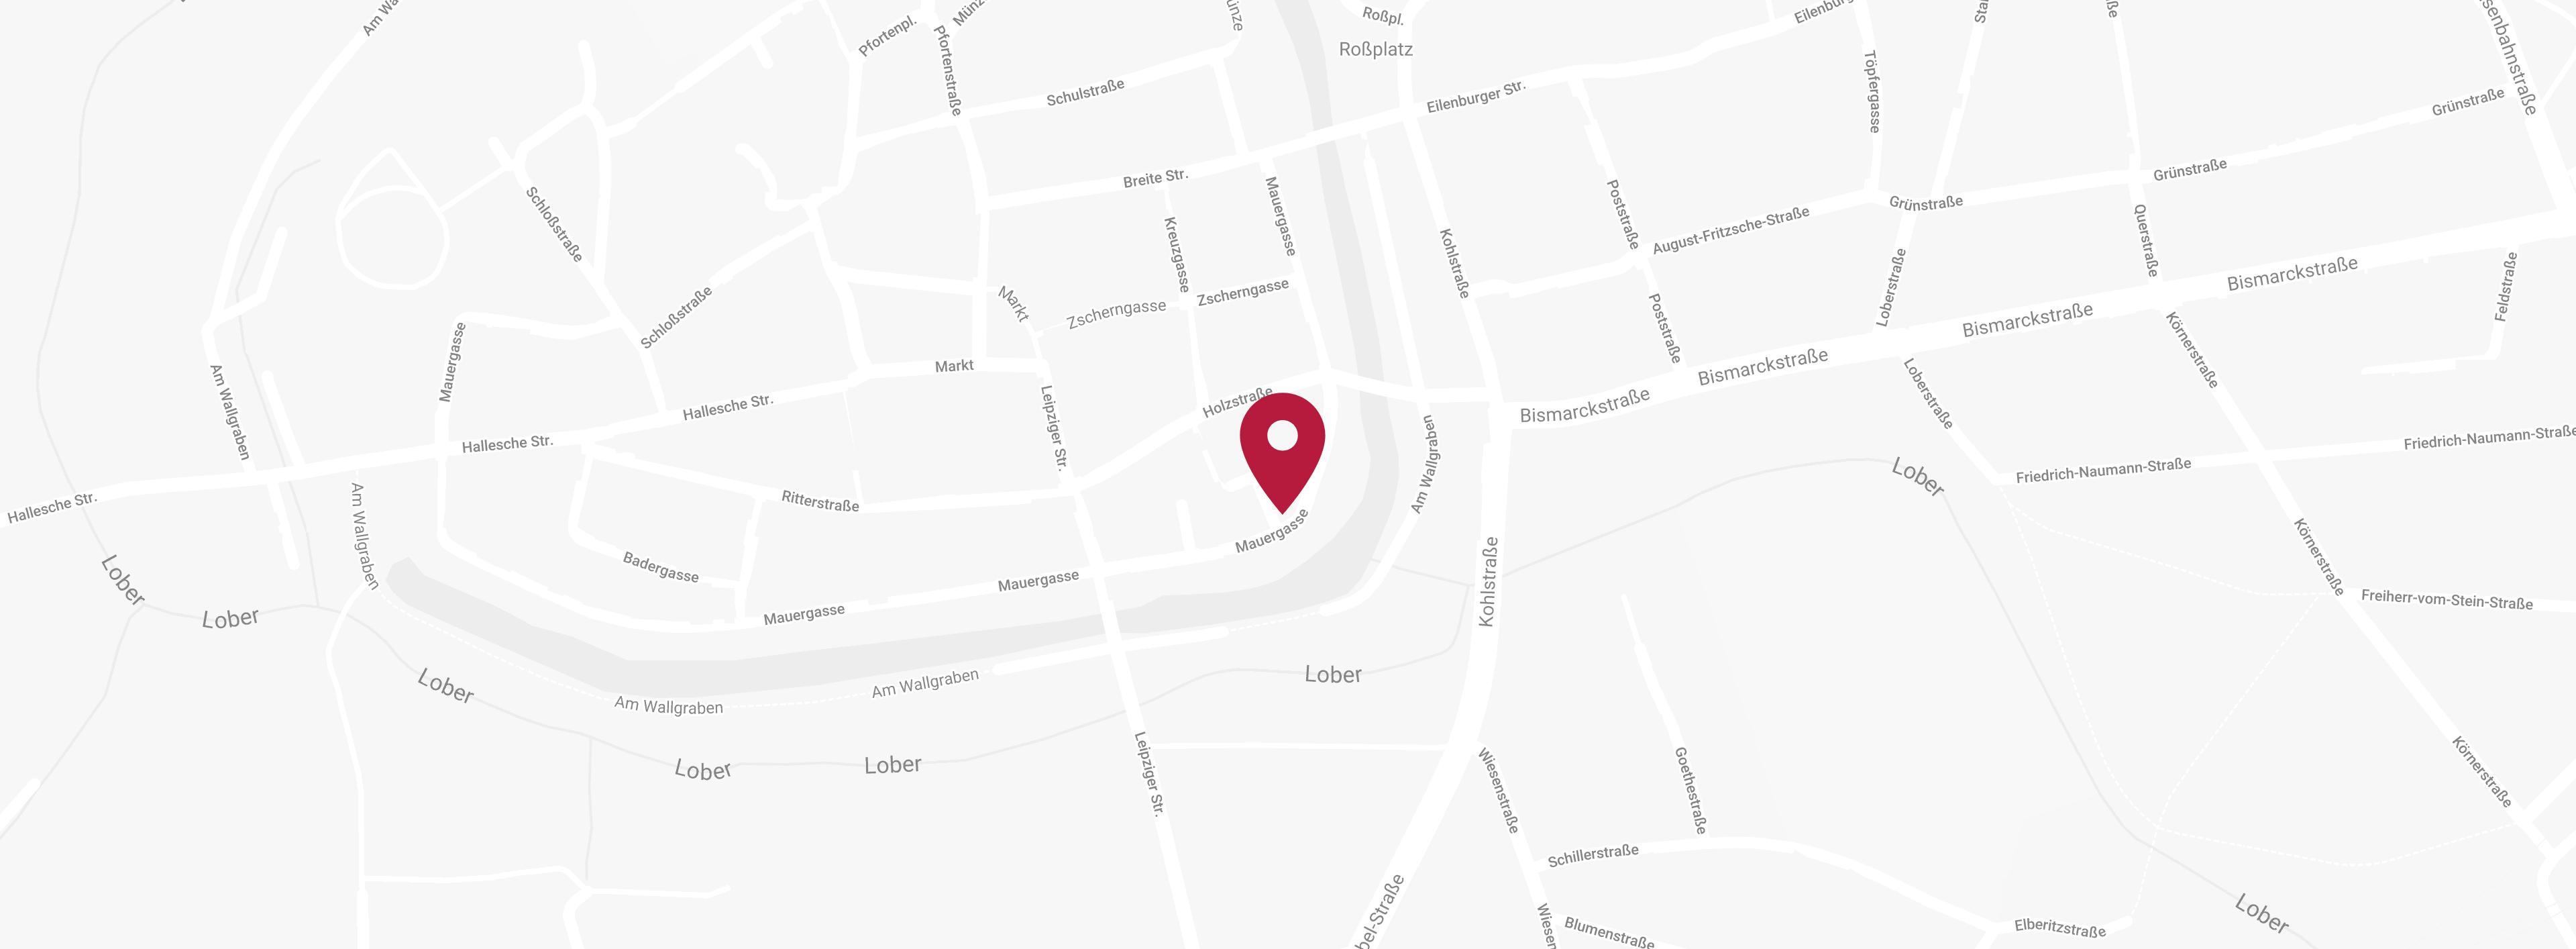 Büro Bremer Immobilien Leipzig